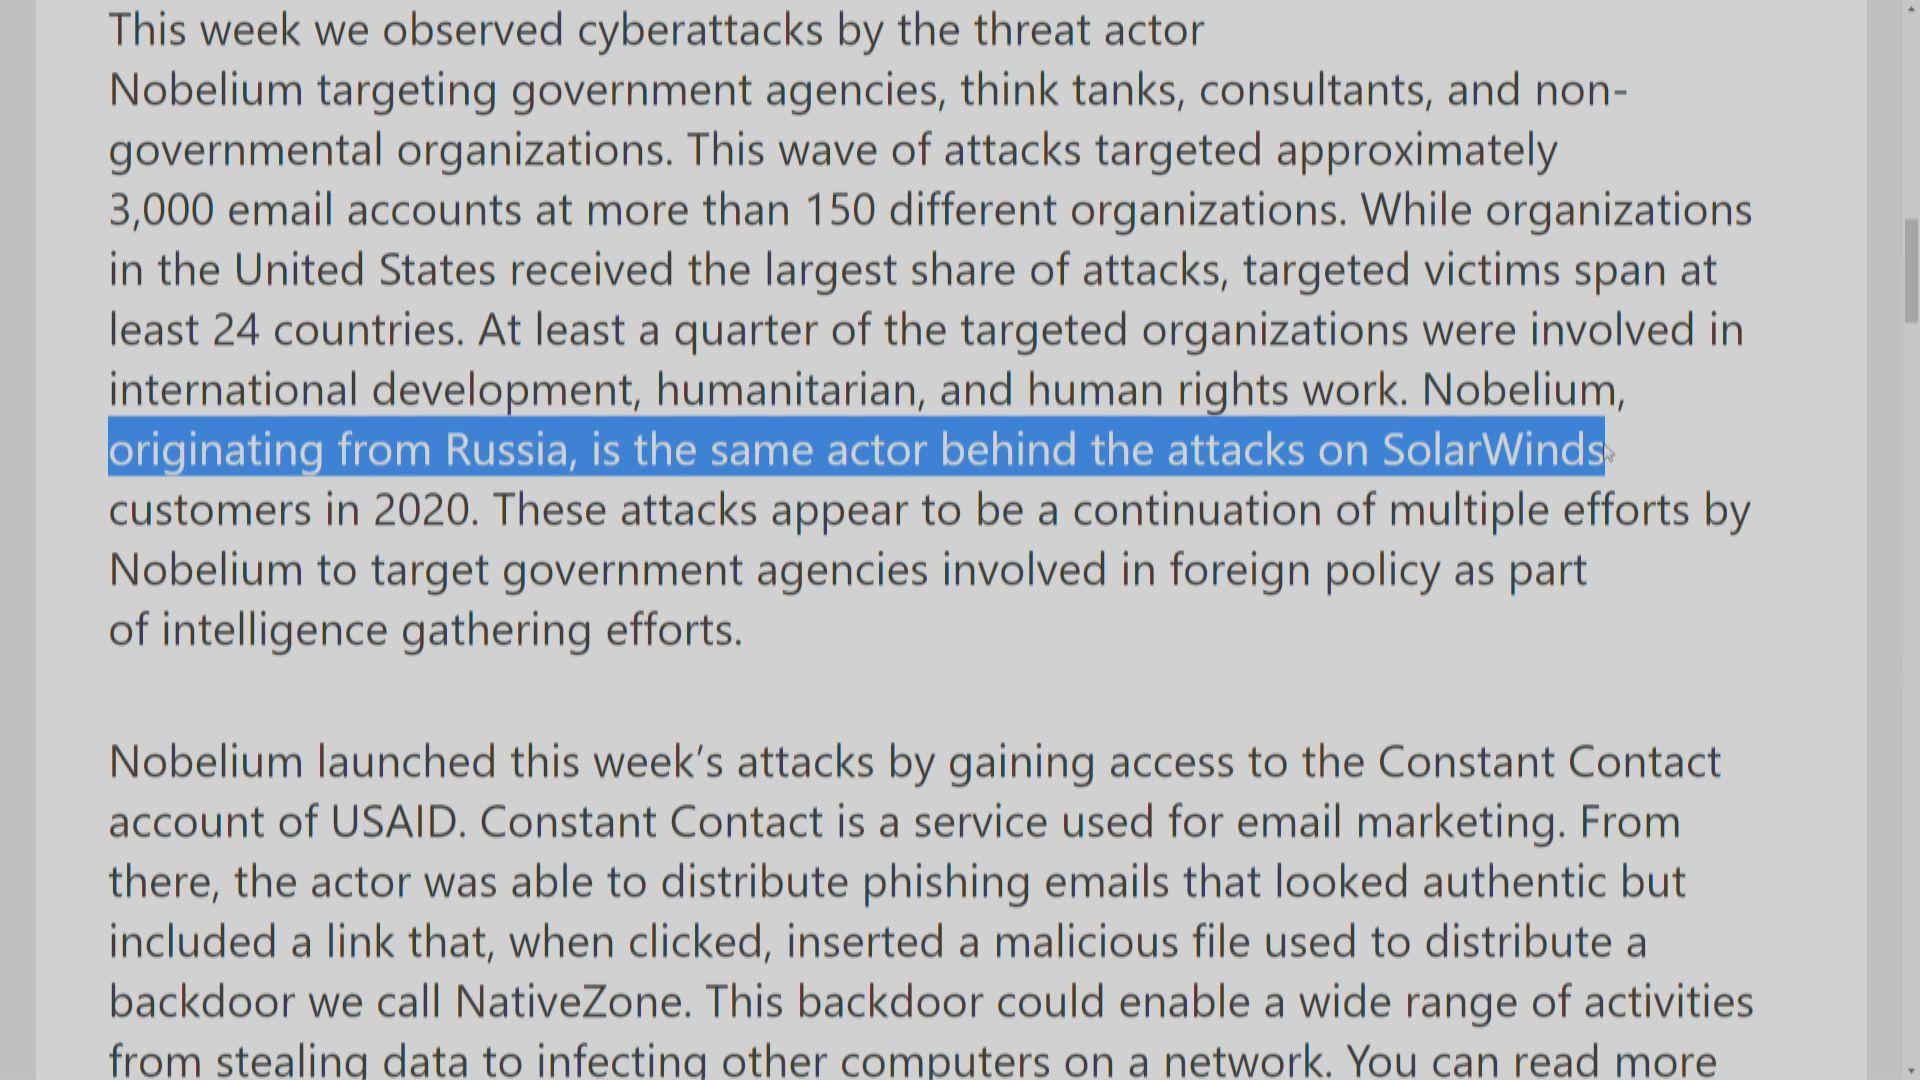 微軟指俄黑客持續攻擊政府部門